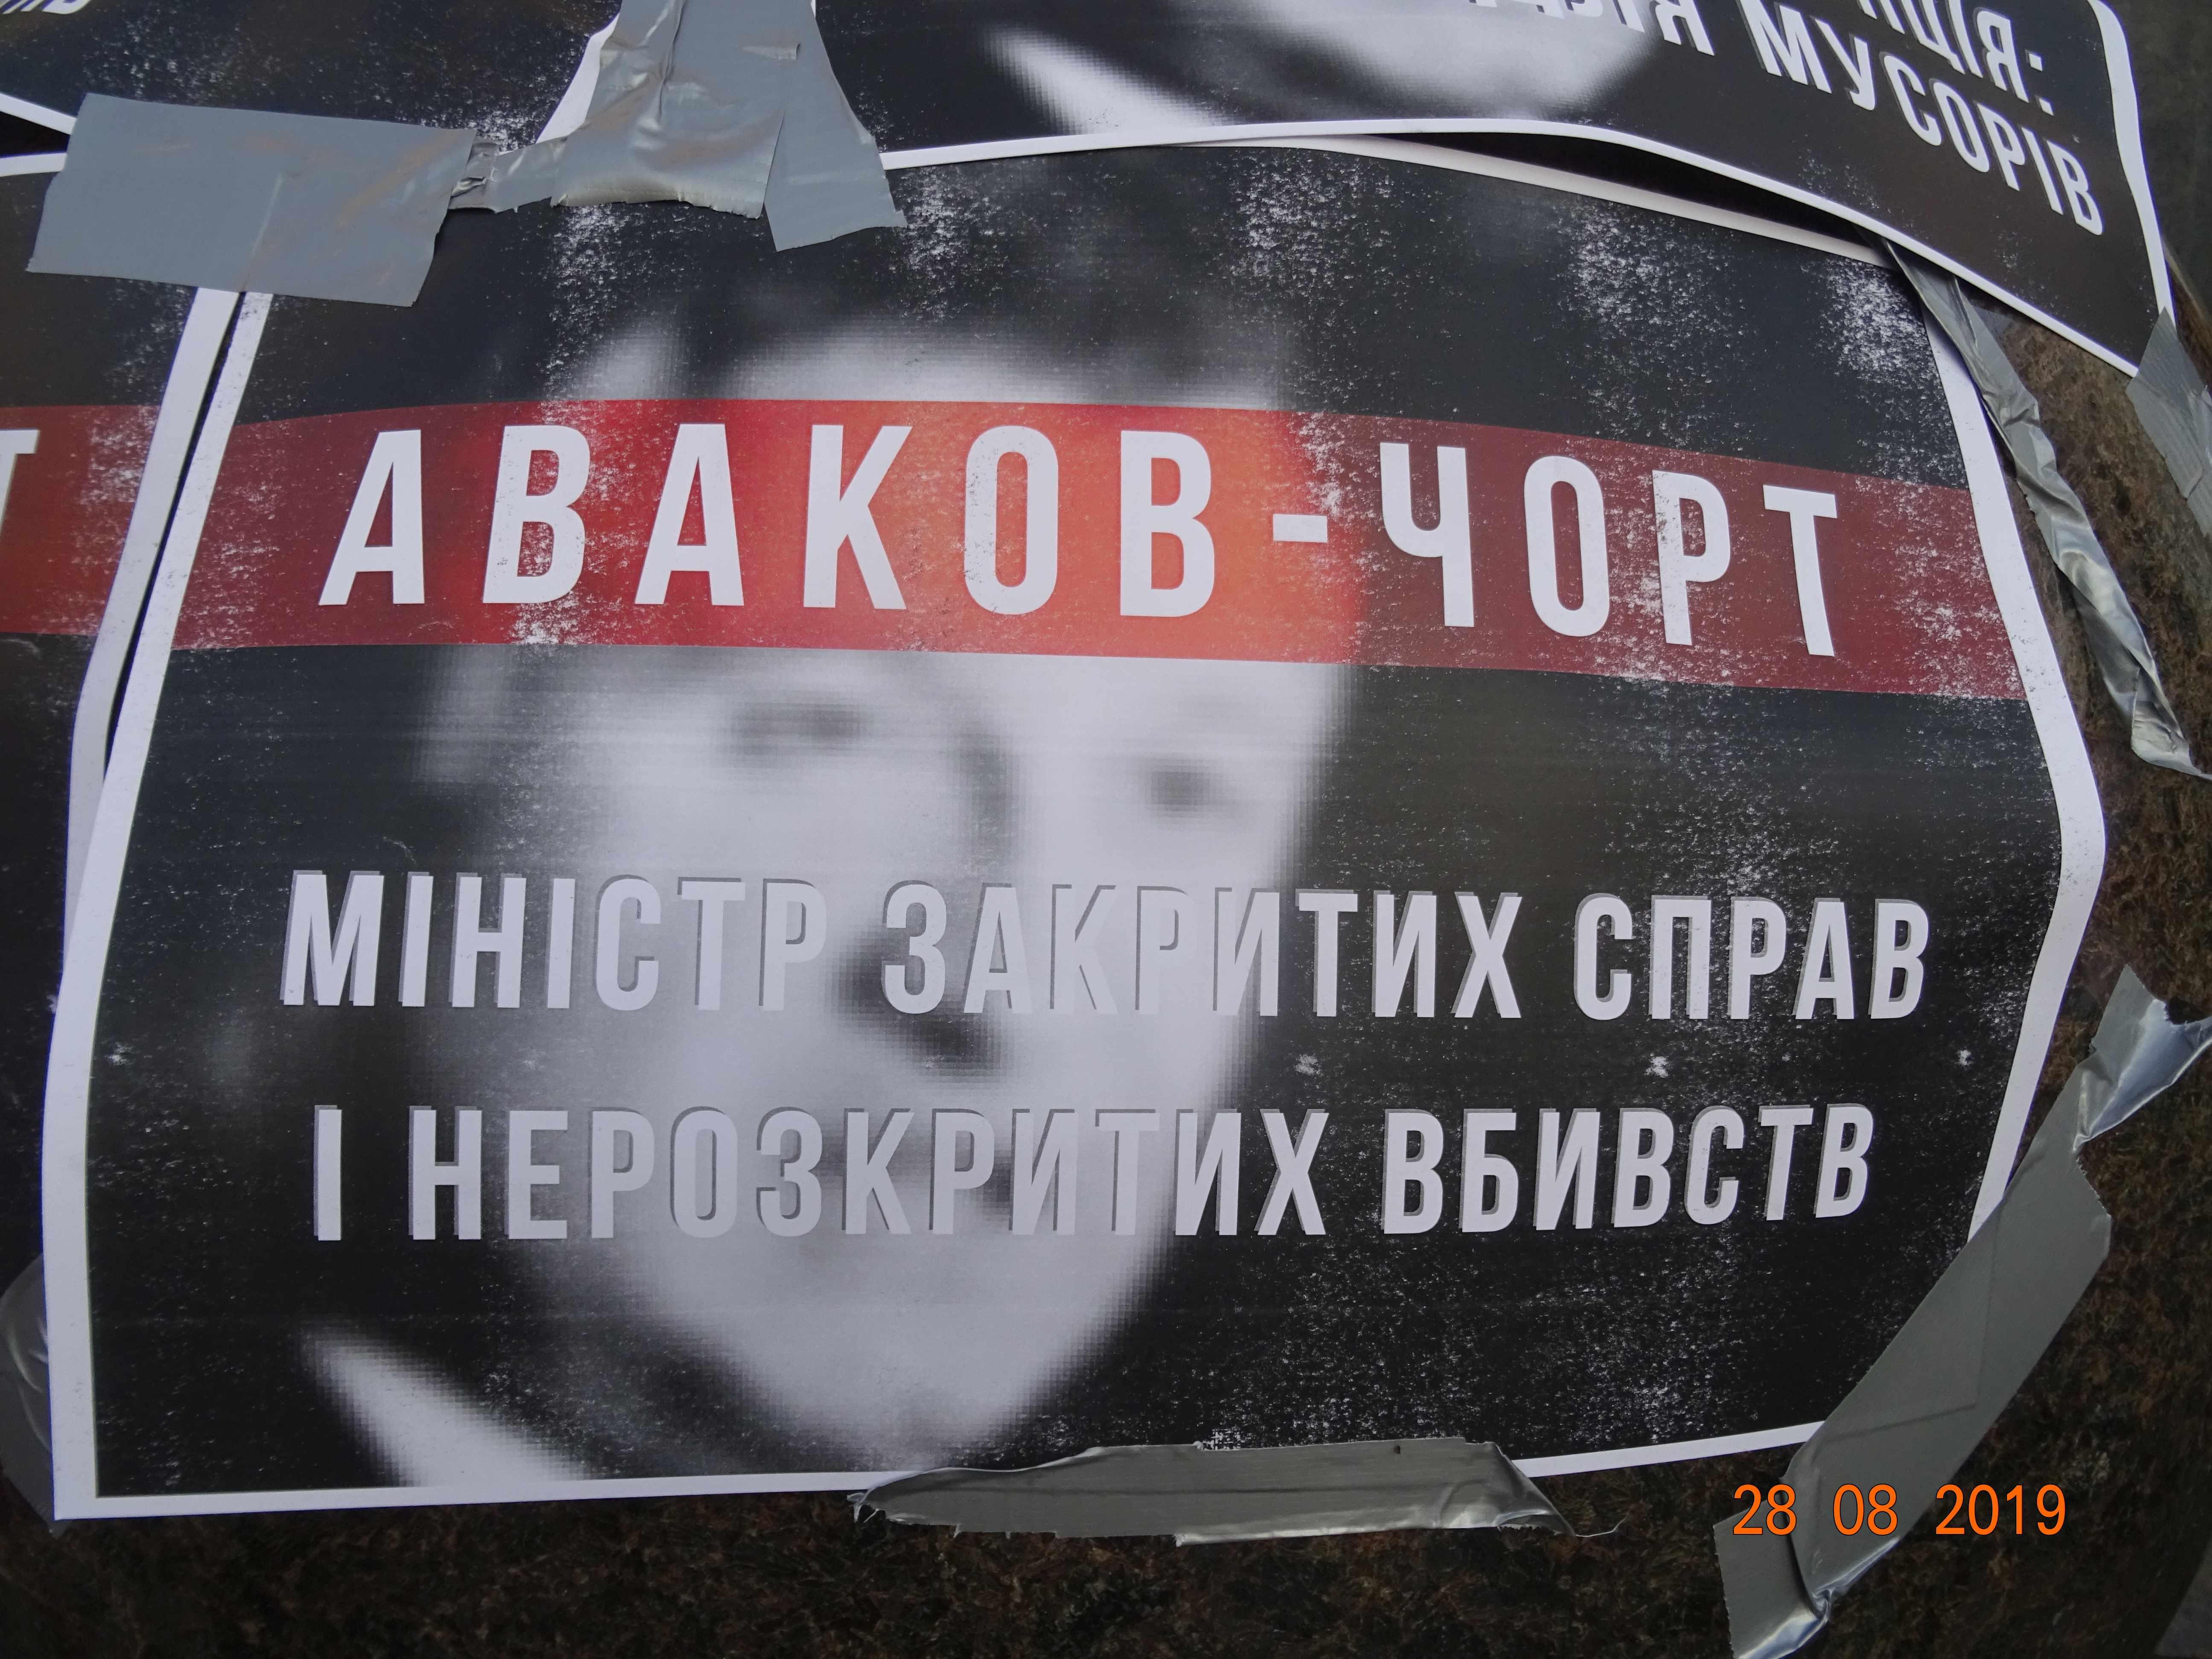 Avakov-Chort-Devil - Avakov-Chort-Devil-image021.jpg